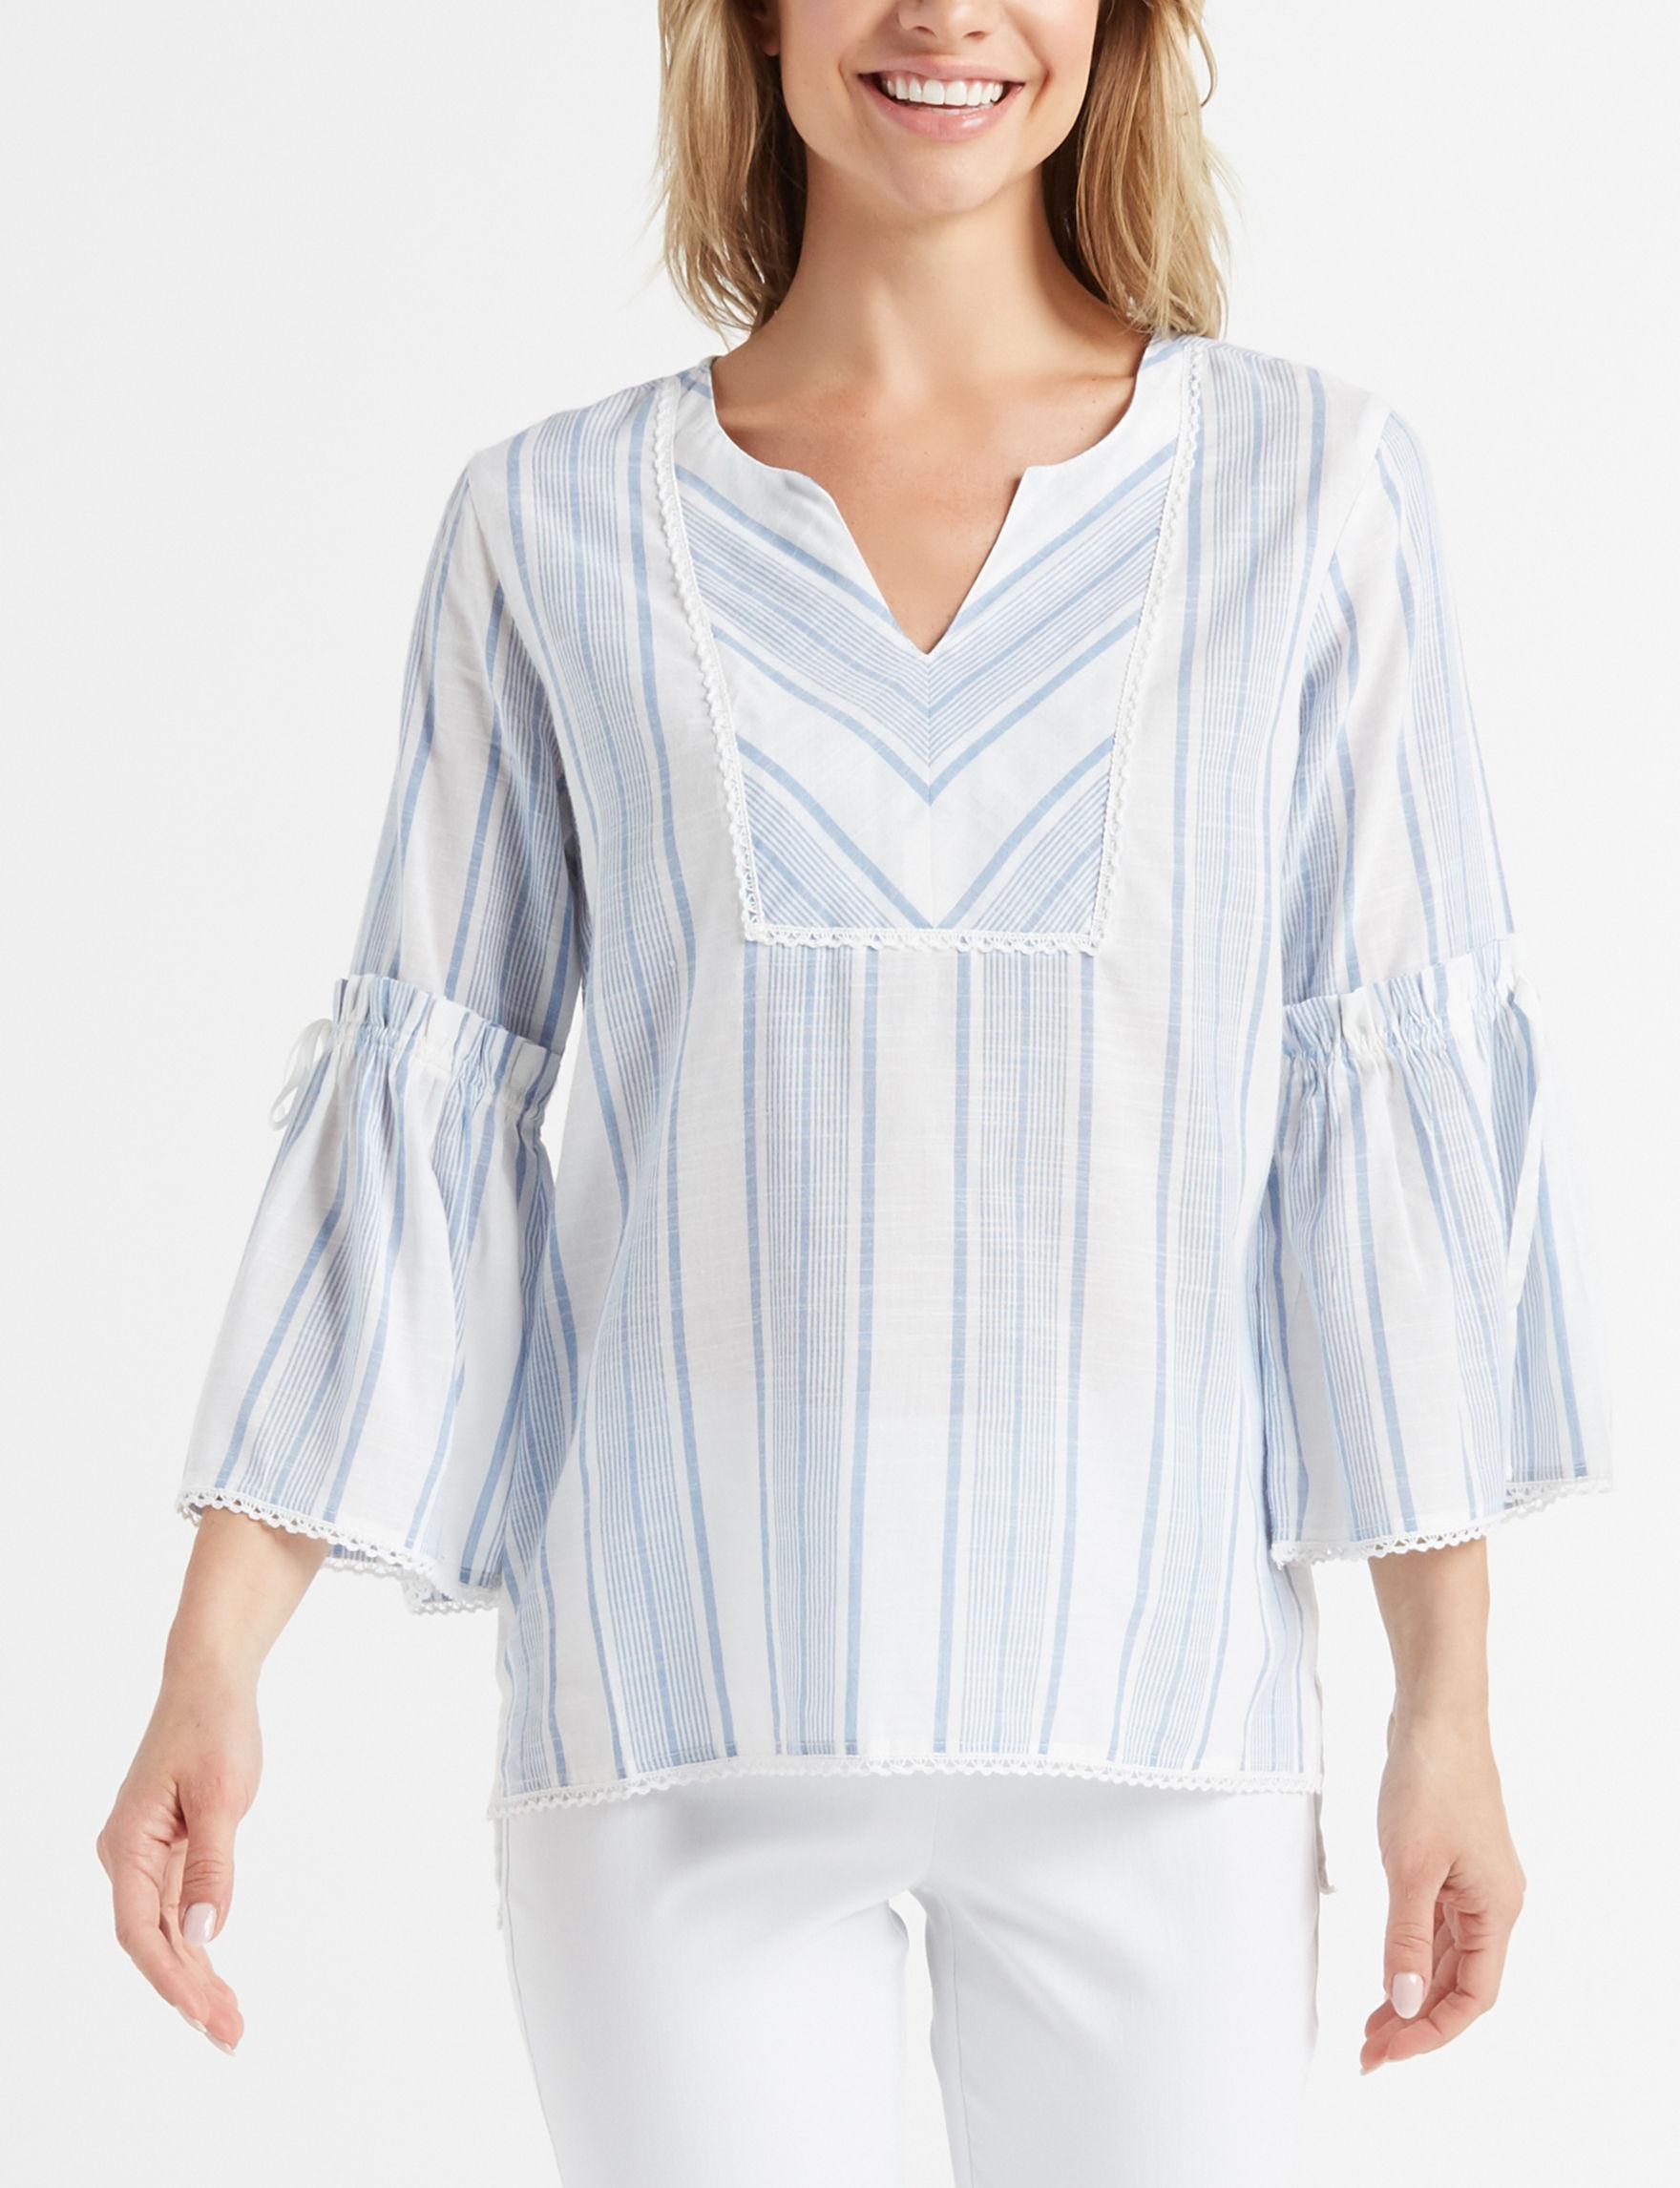 Rebecca Malone Blue / White Shirts & Blouses Tunics